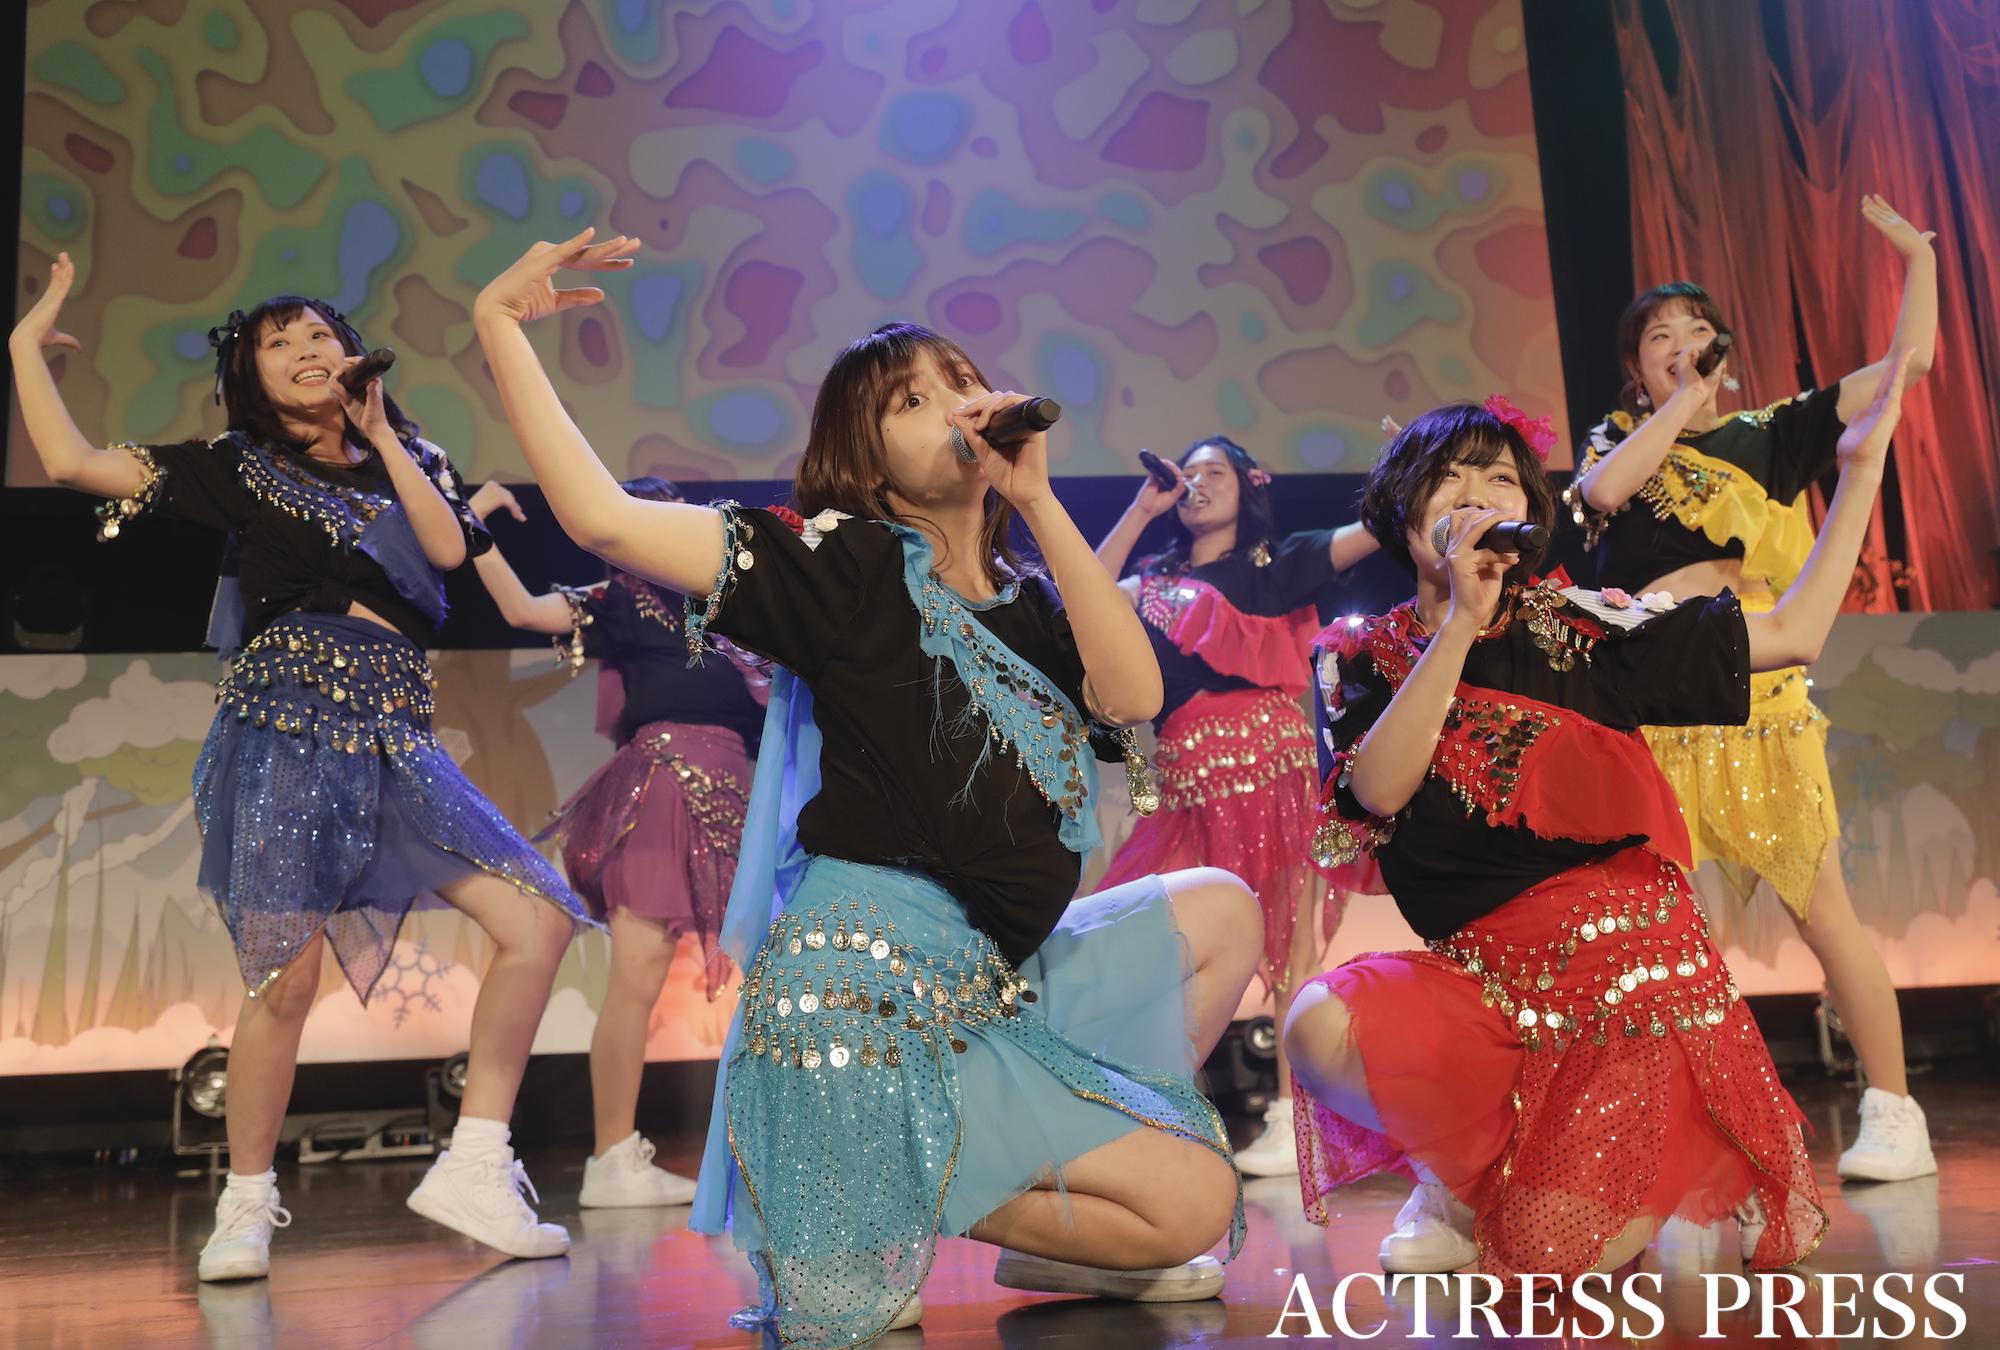 東京大学「東大 Love me Today」)/2020年2月13日、全国大学対抗アイドルコピーダンスコンテスト「UNIDOL2019-20 Winter supported by Sammy」/撮影:ACTRESS PRESS編集部